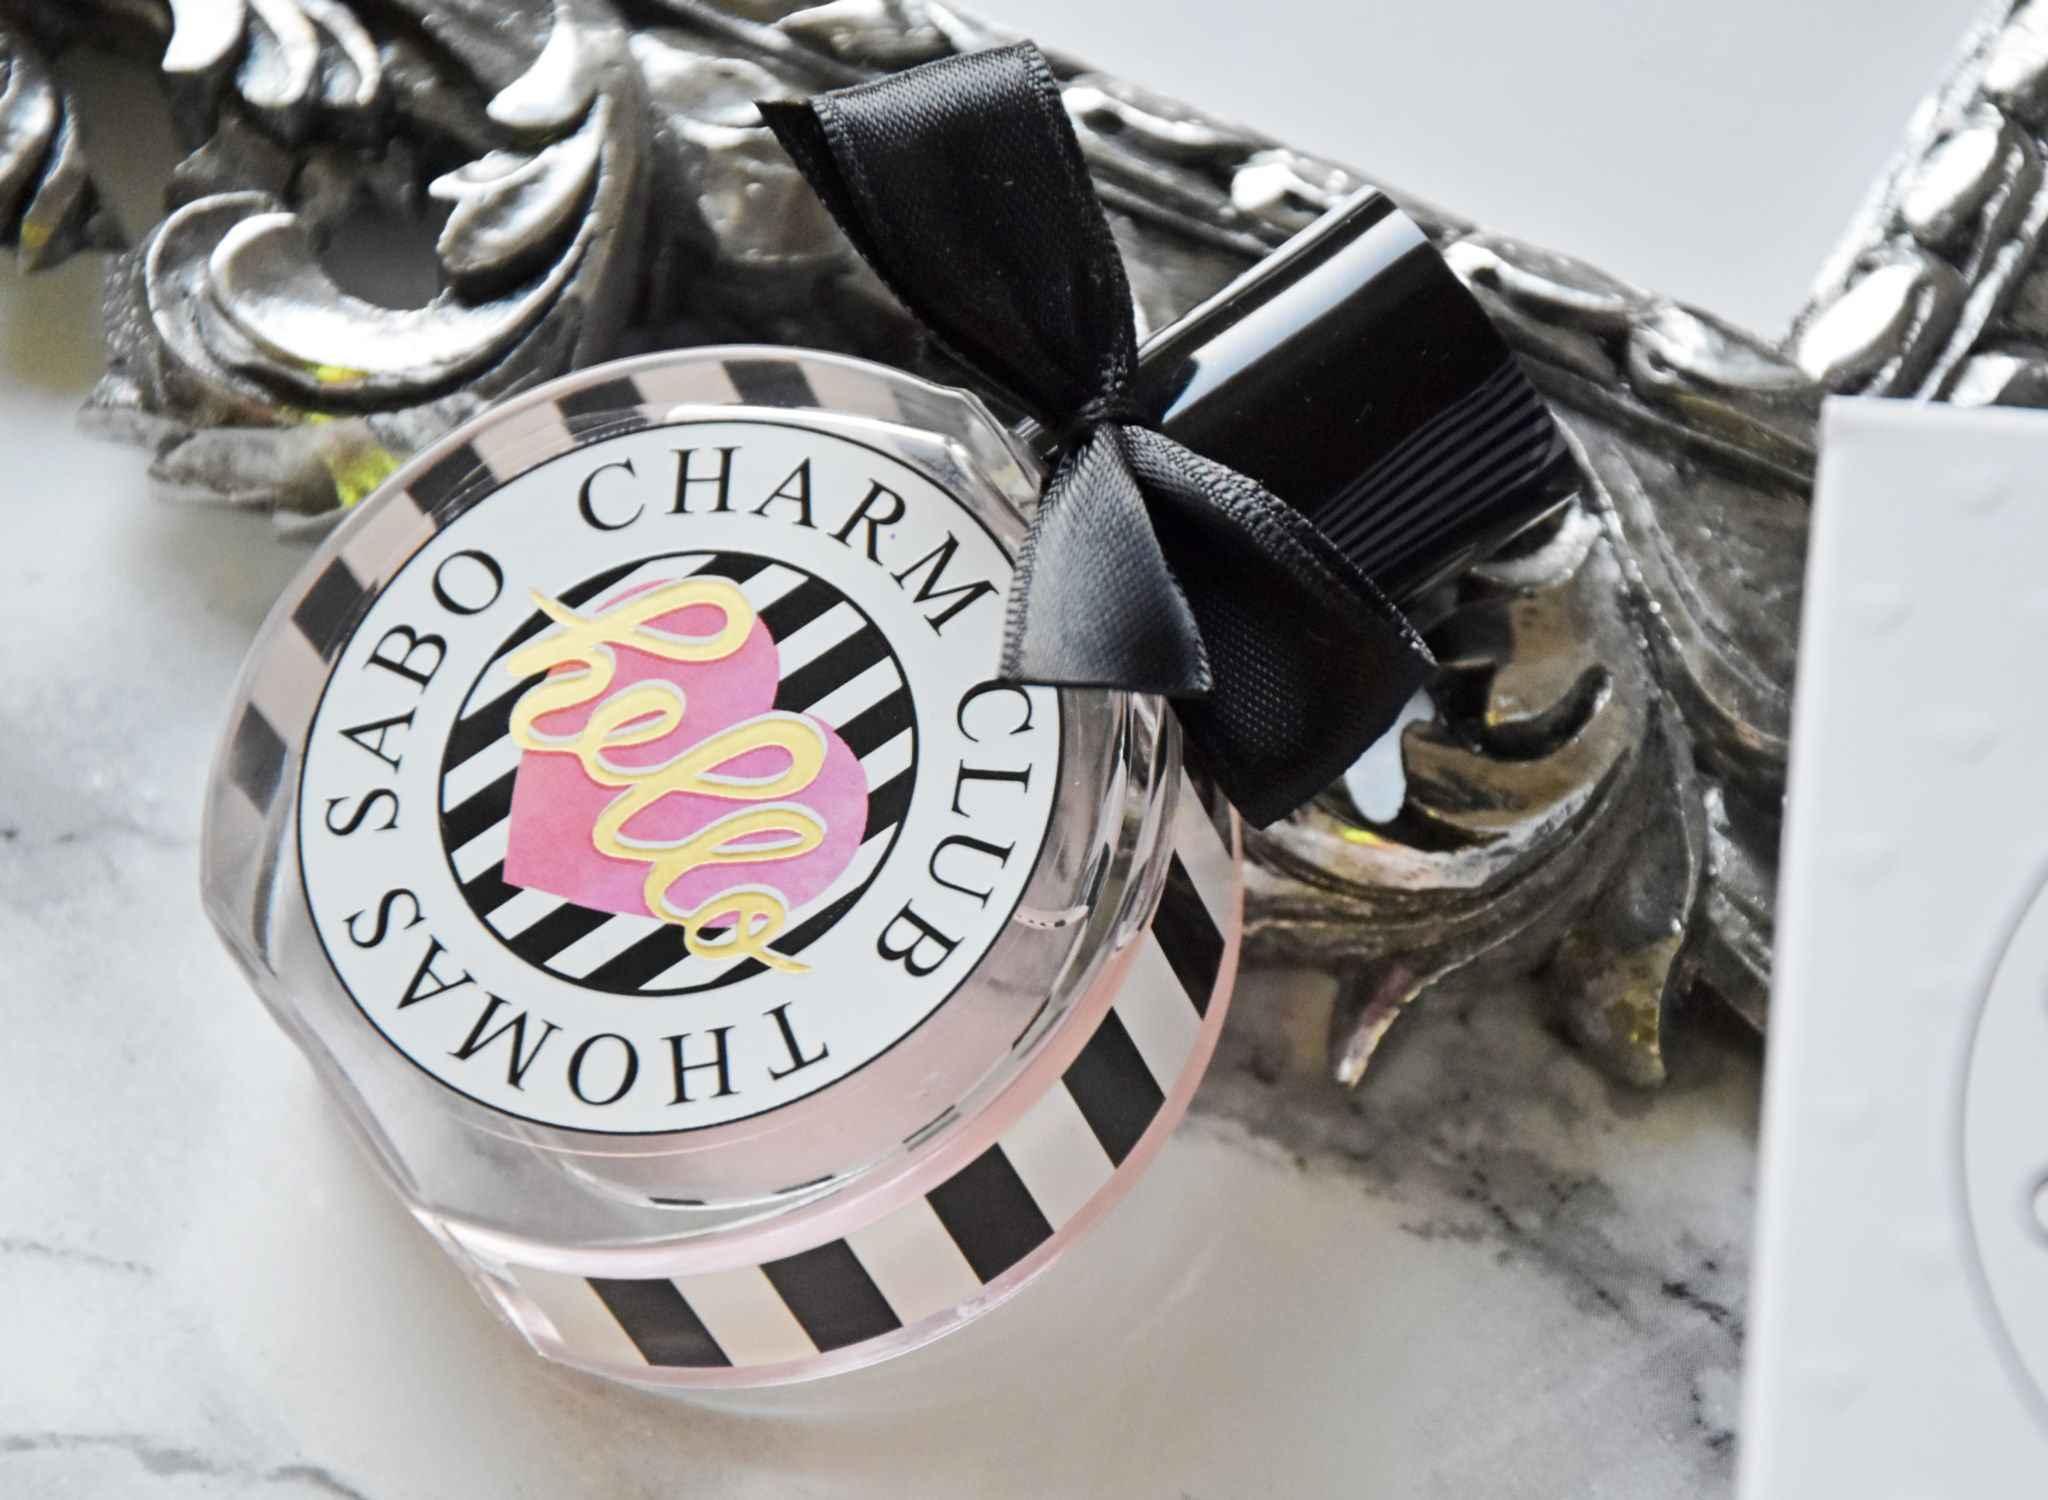 Thomas Sabo - Charm Club Hello